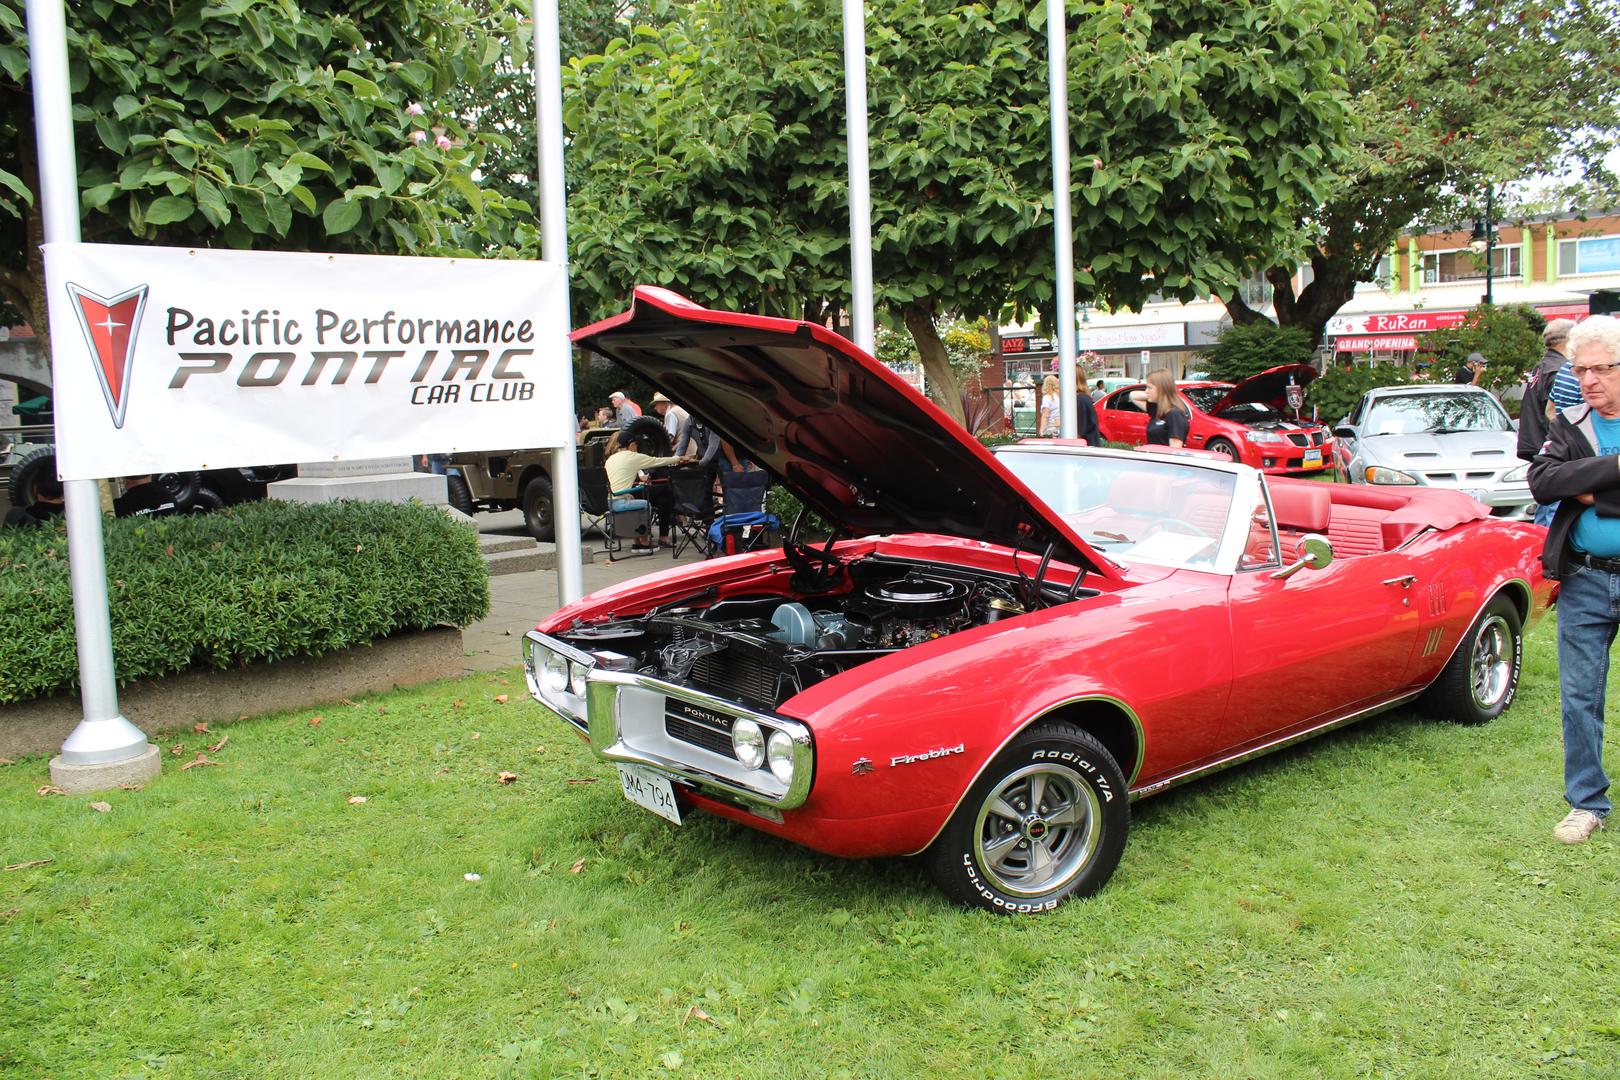 Car club for Pontiac owners